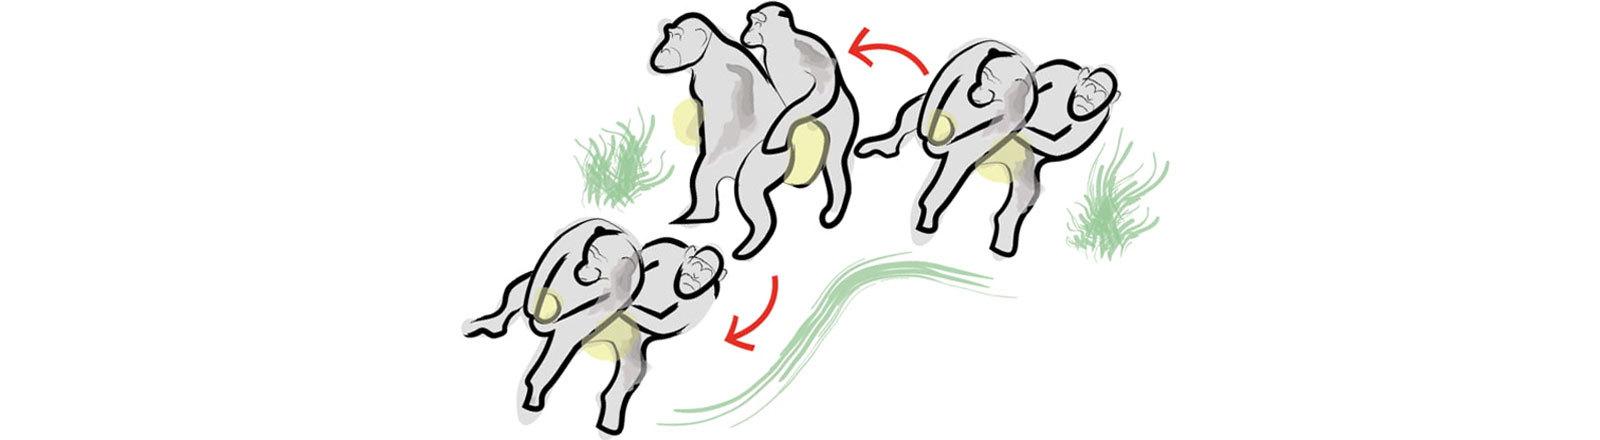 Schimpansen, die Polonaise Blankenese tanzen.